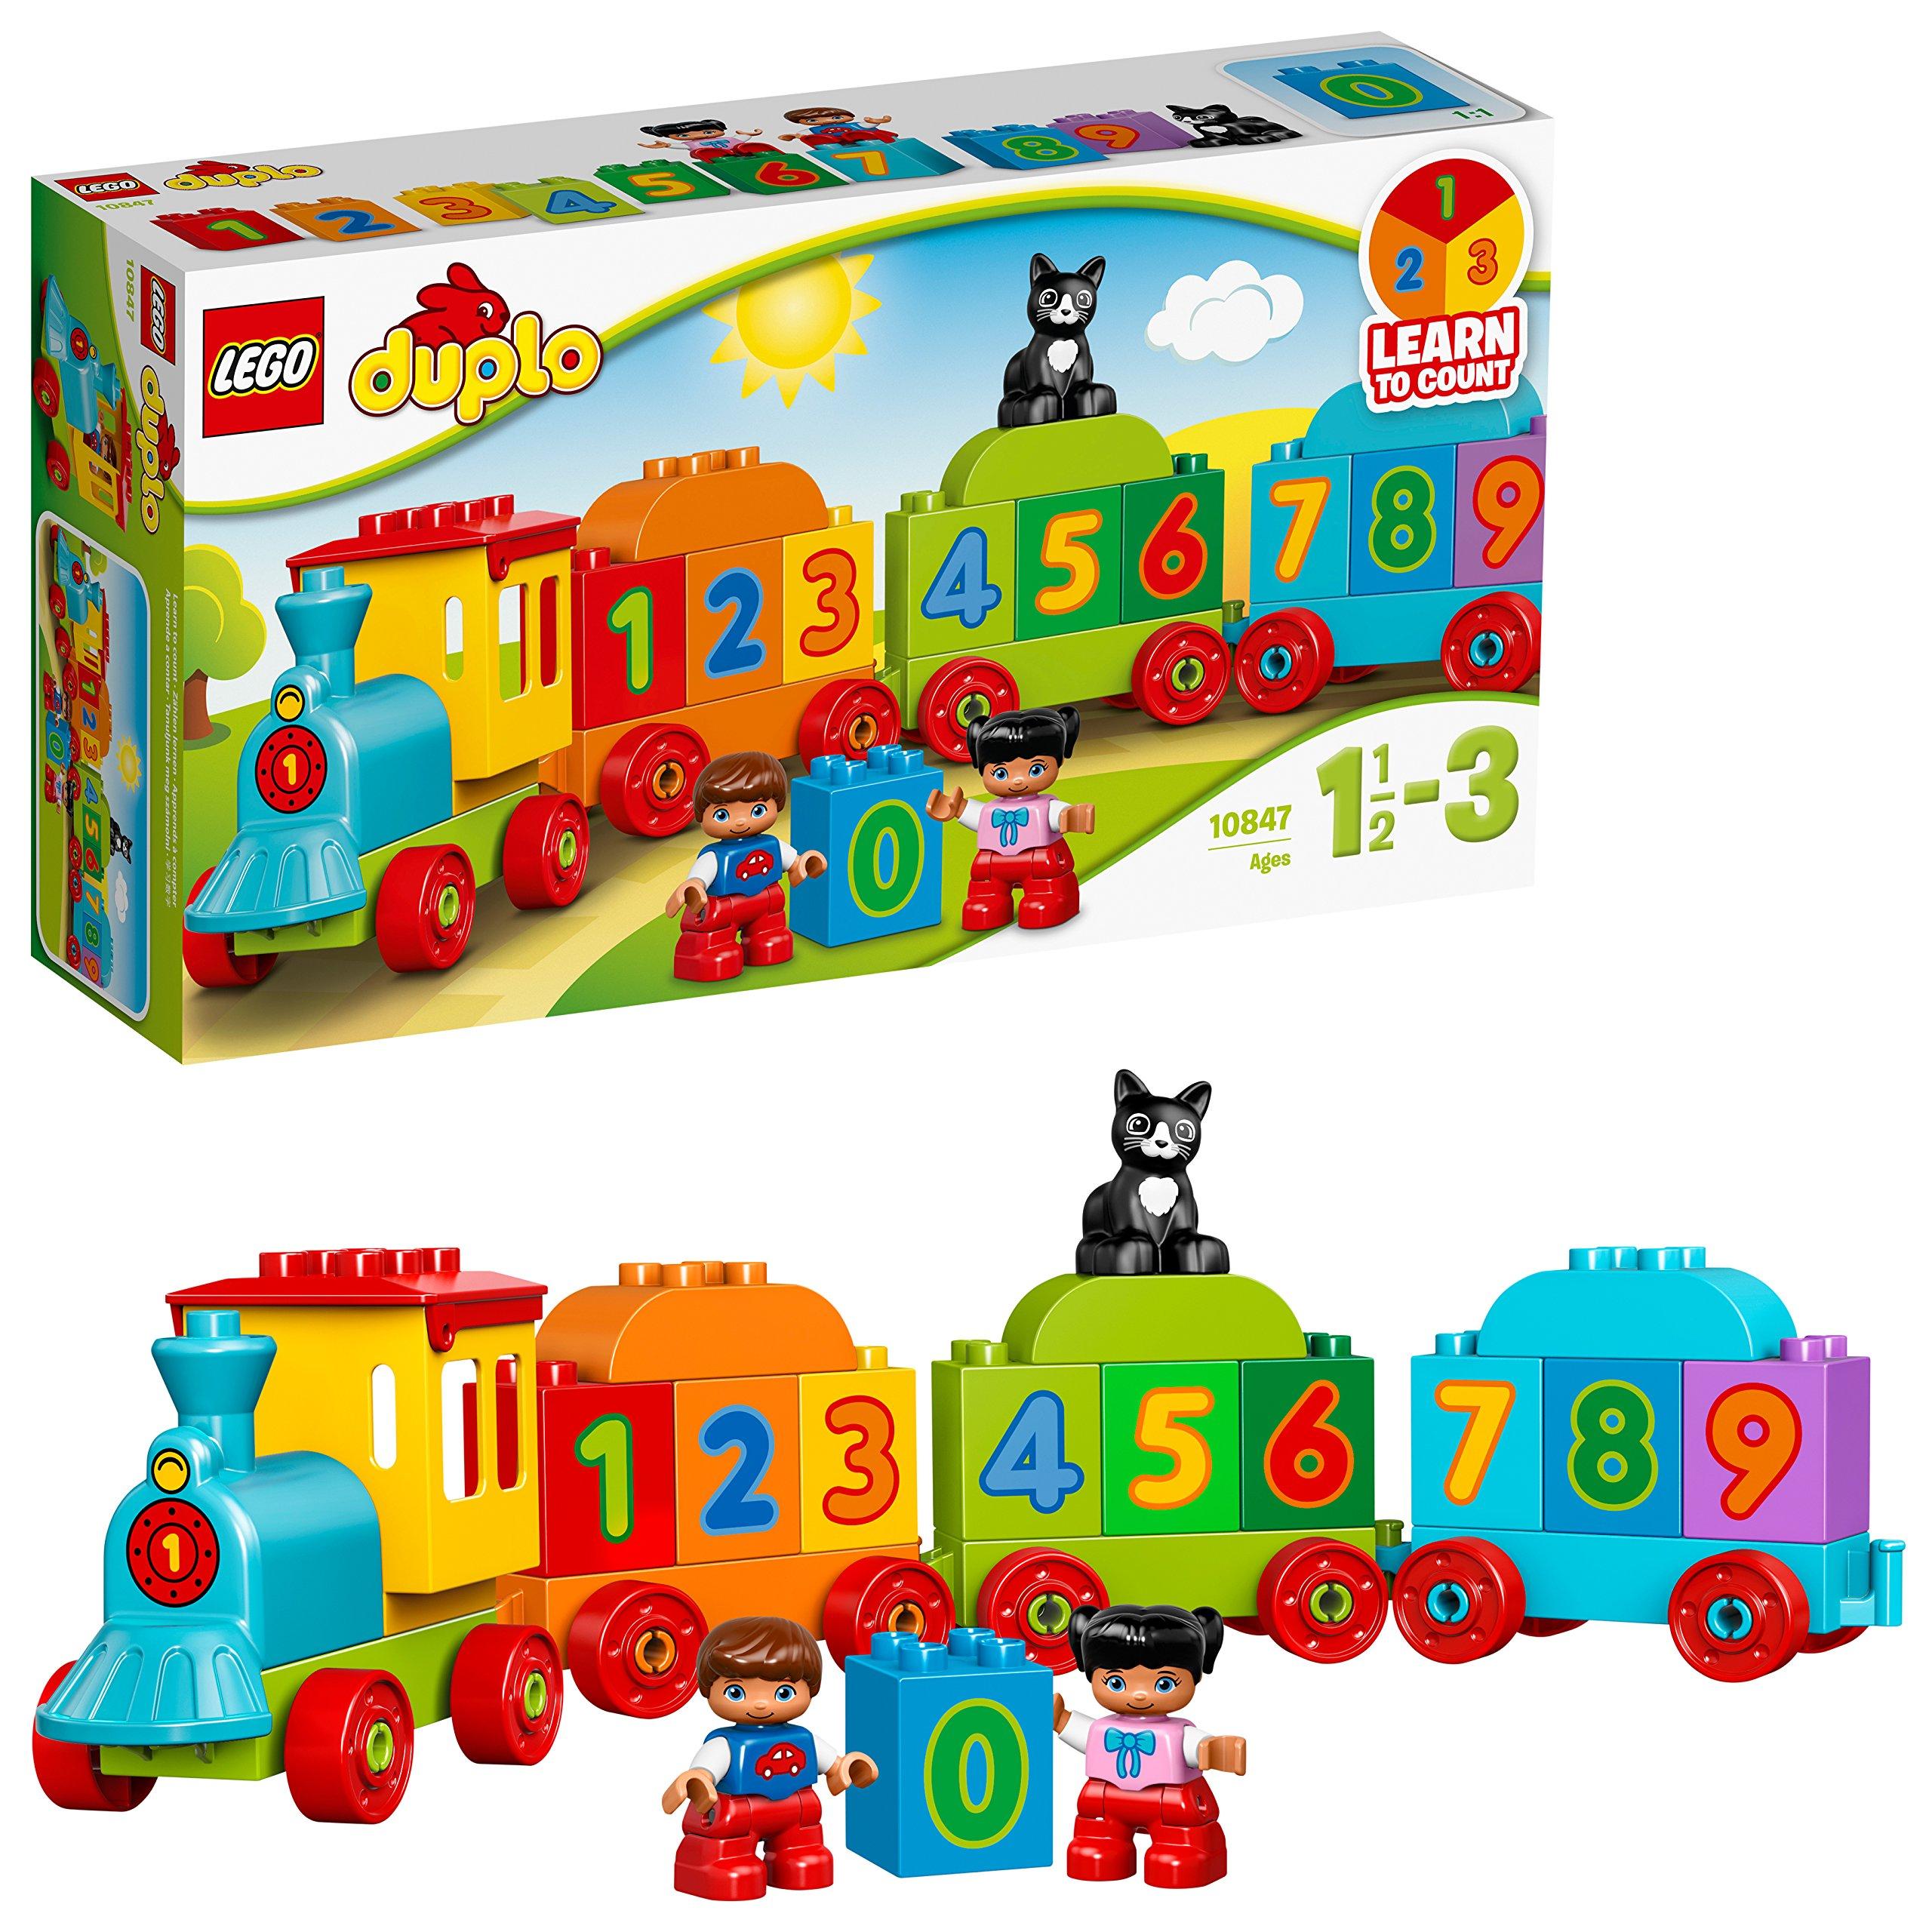 LEGO LEGOつづり玩具DUPLO Duploシリーズデジタル電車10847 11⁄2〜3歳児(23枚)